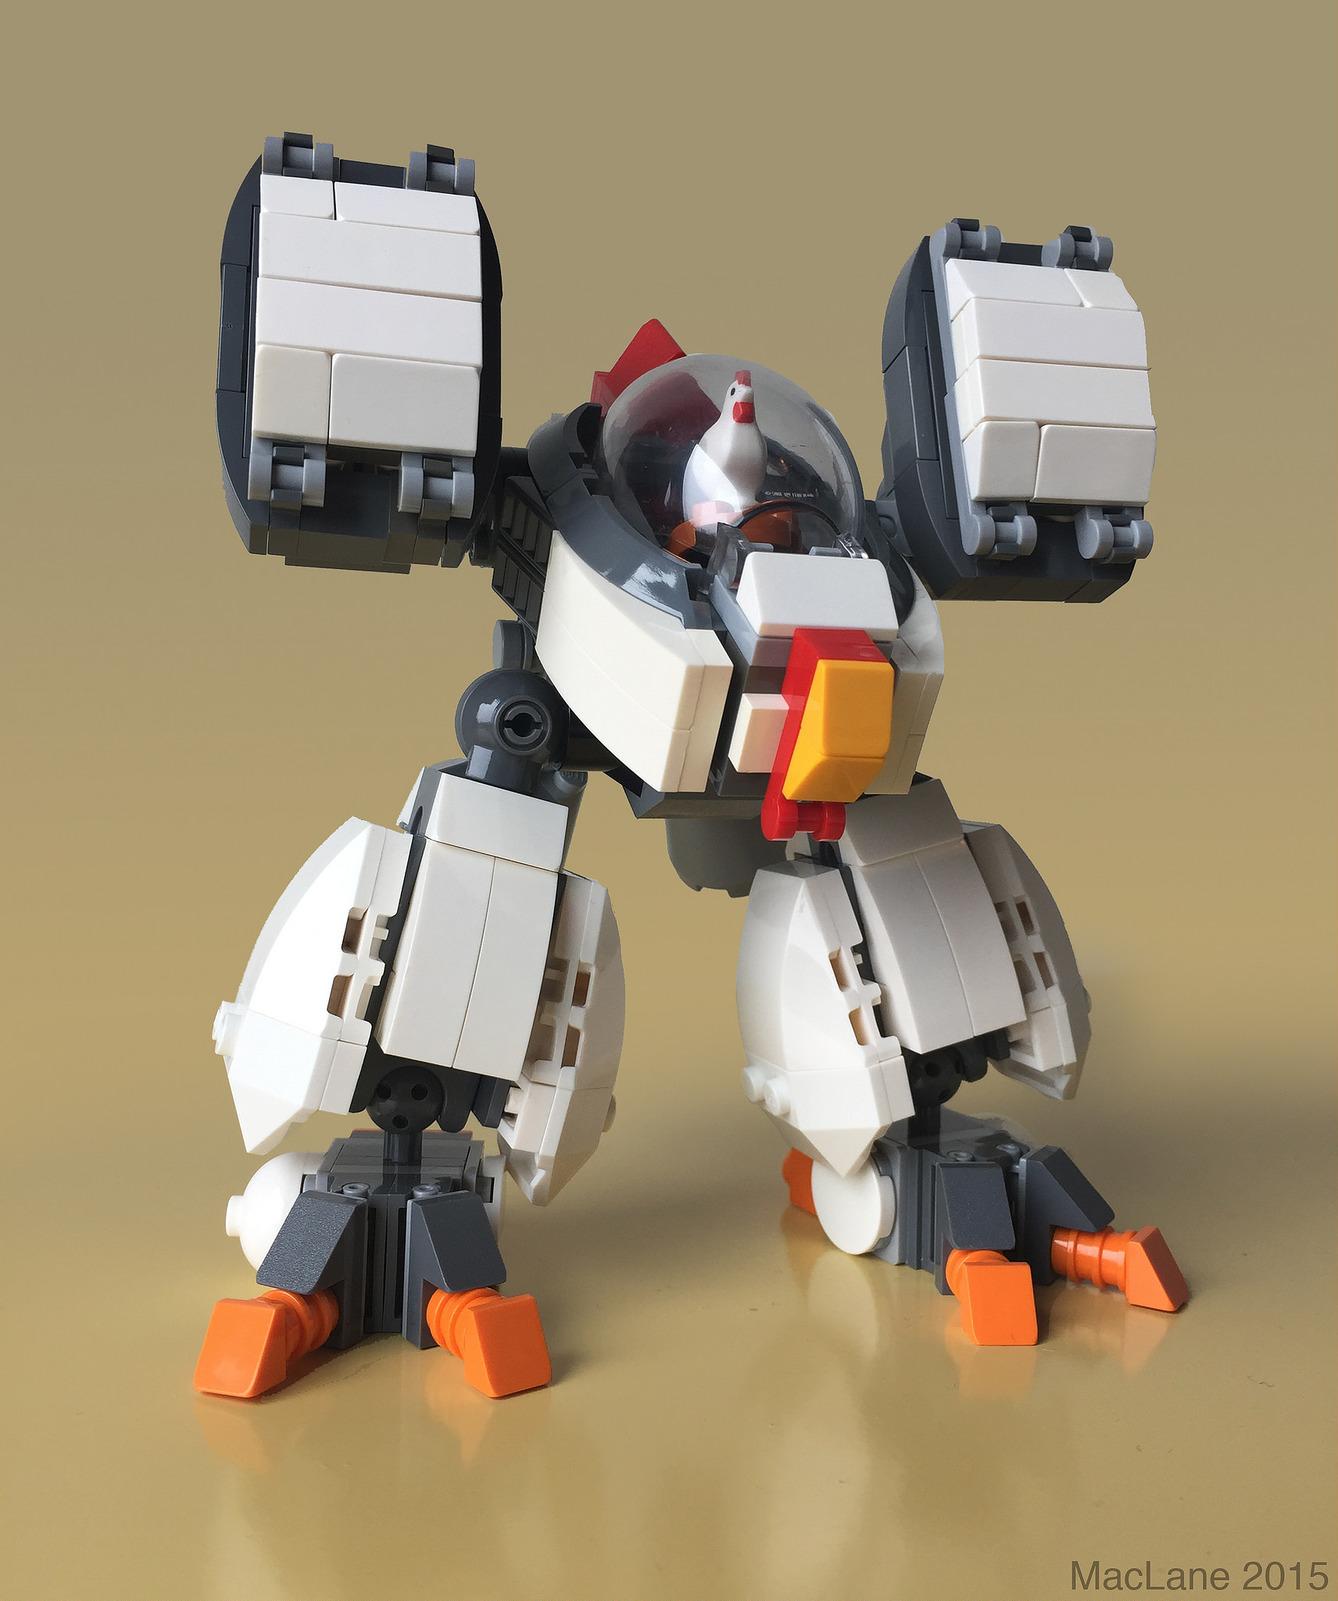 BokBokTron Thigh Fighter